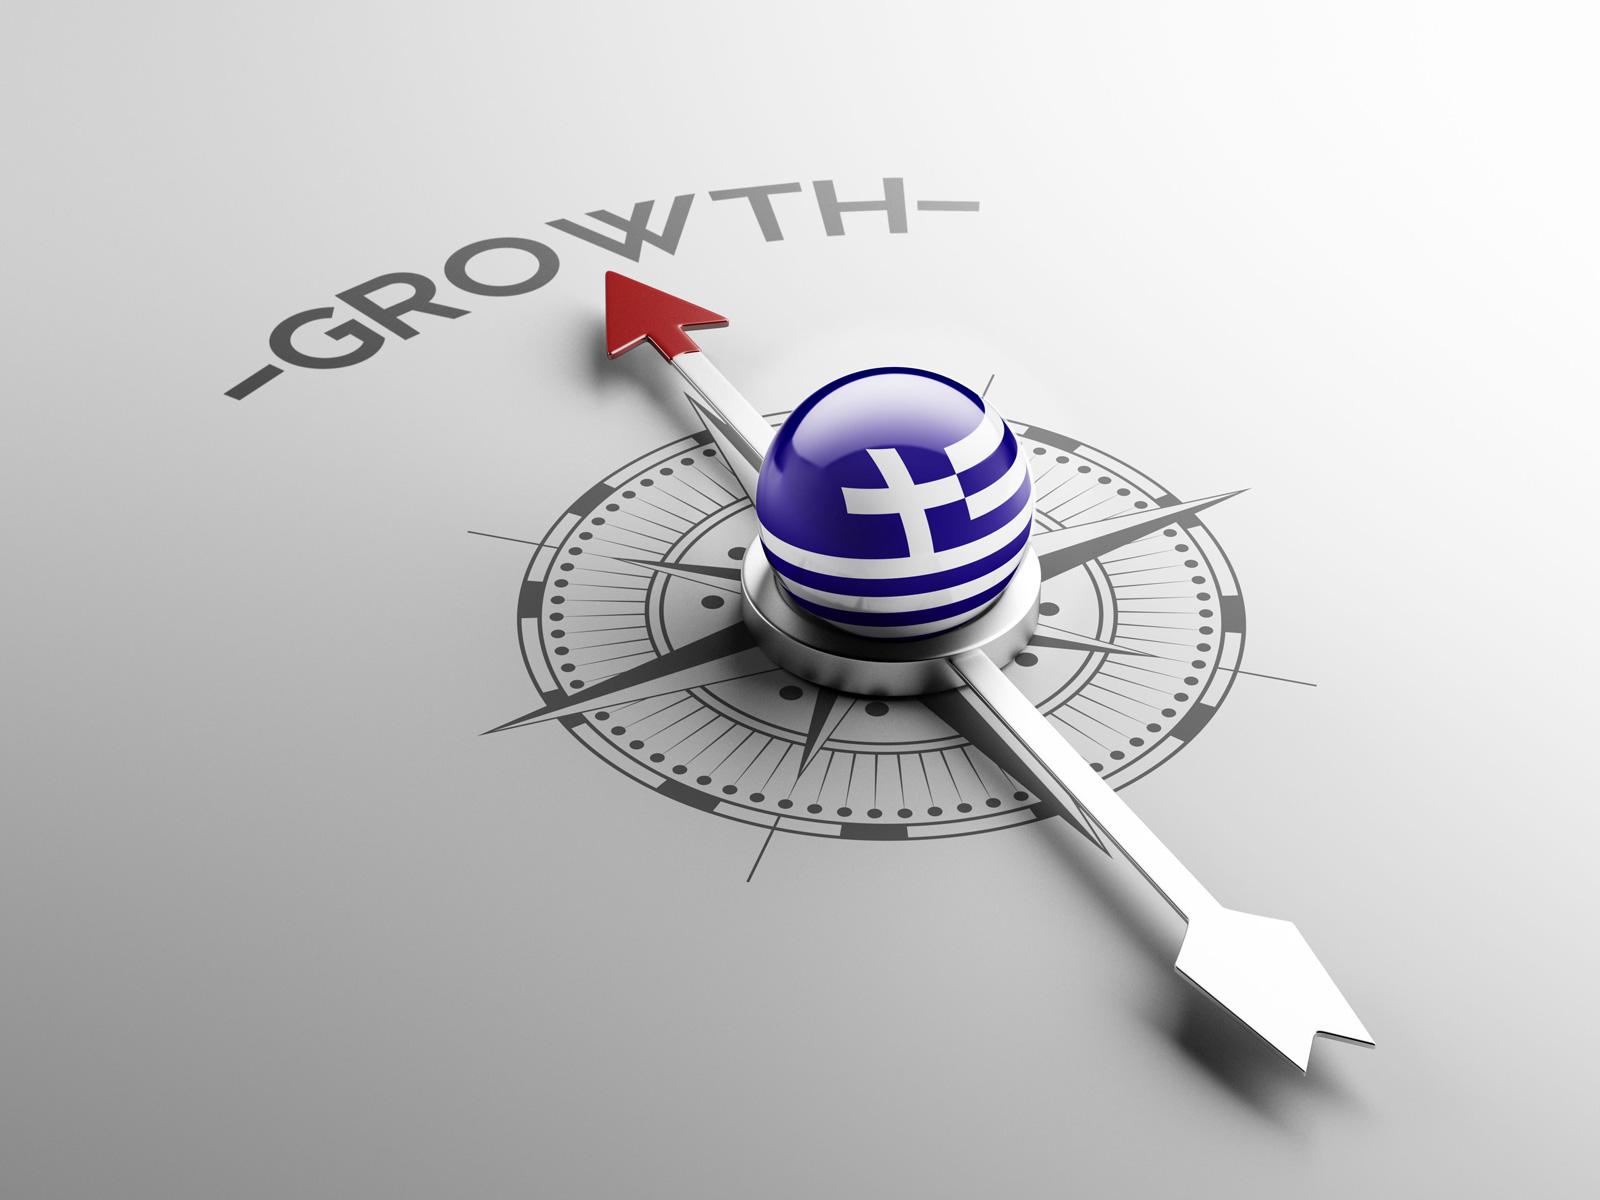 Ανάπτυξη πώς;